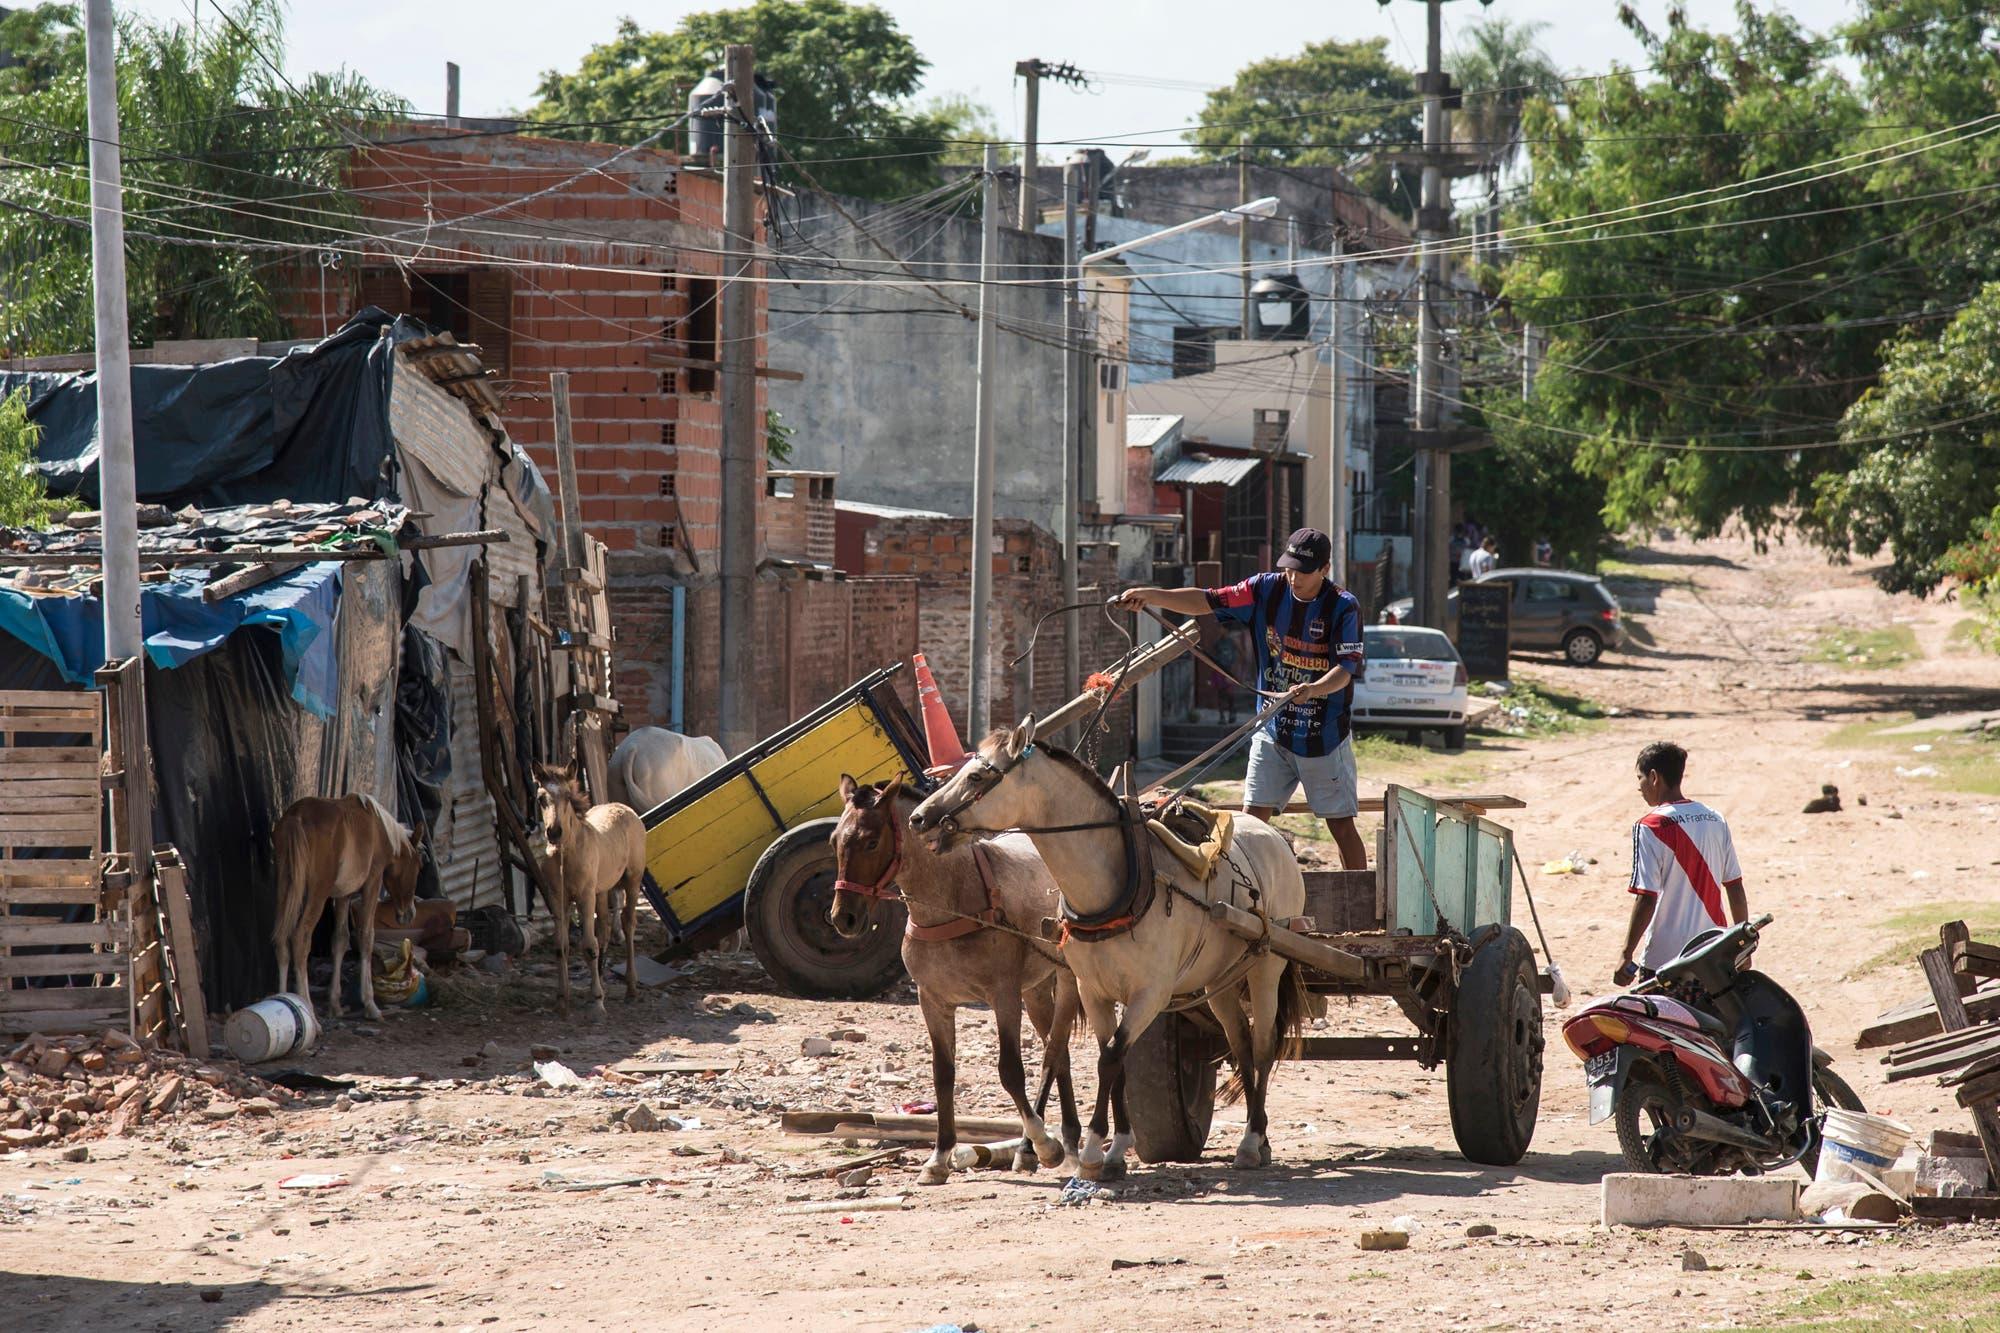 Un viaje a la Corrientes profunda, donde la mitad de la población es pobre